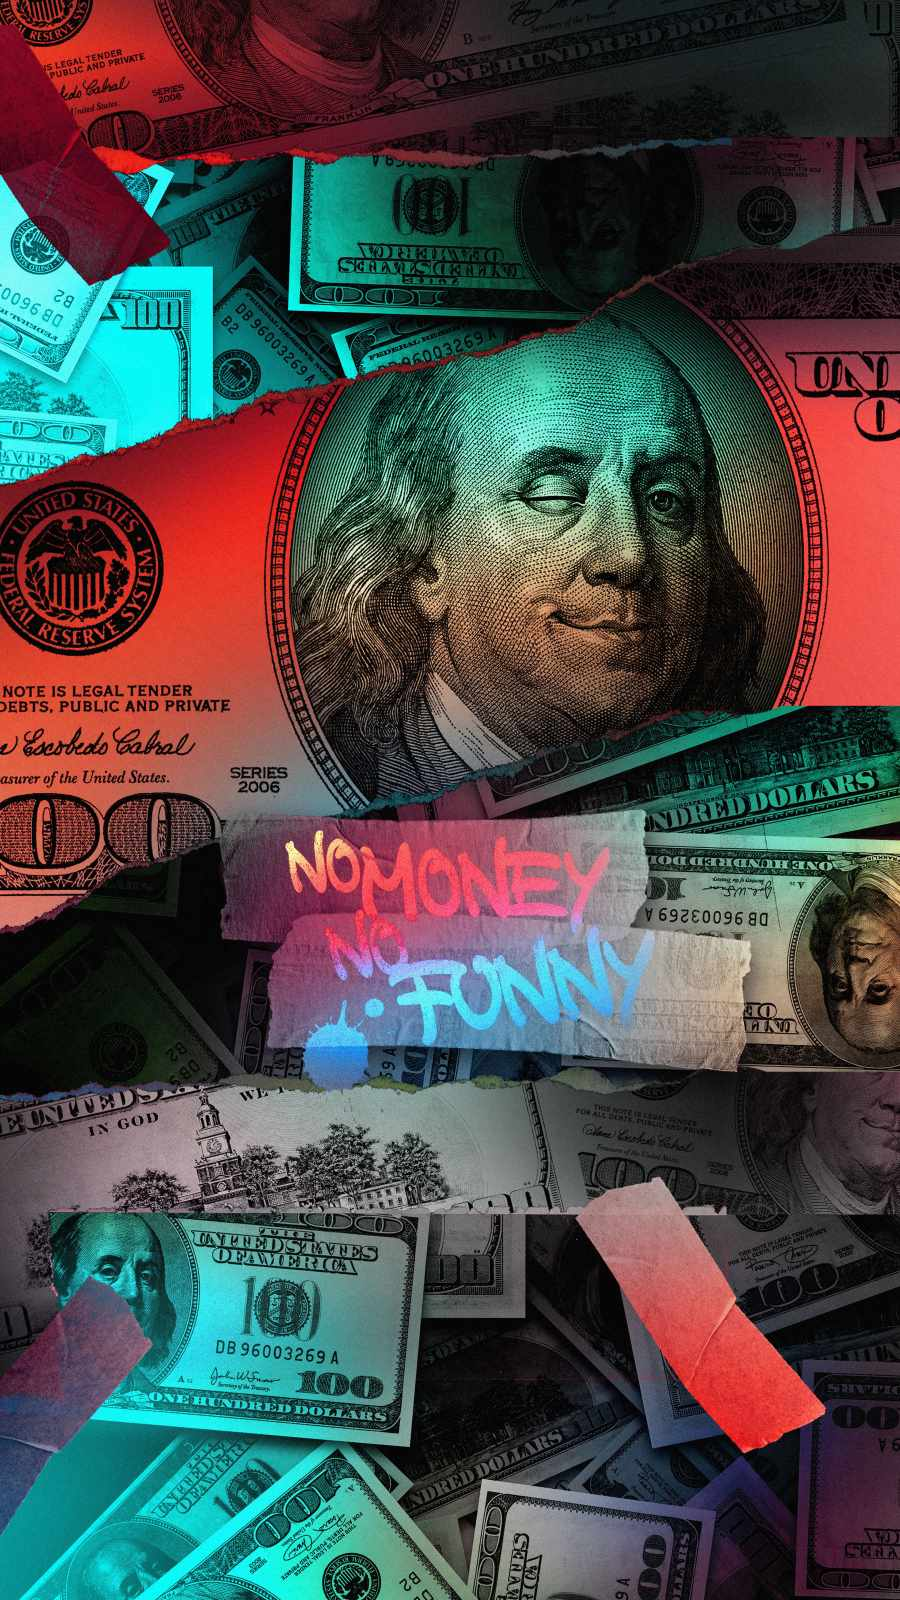 No Money No Funny iPhone